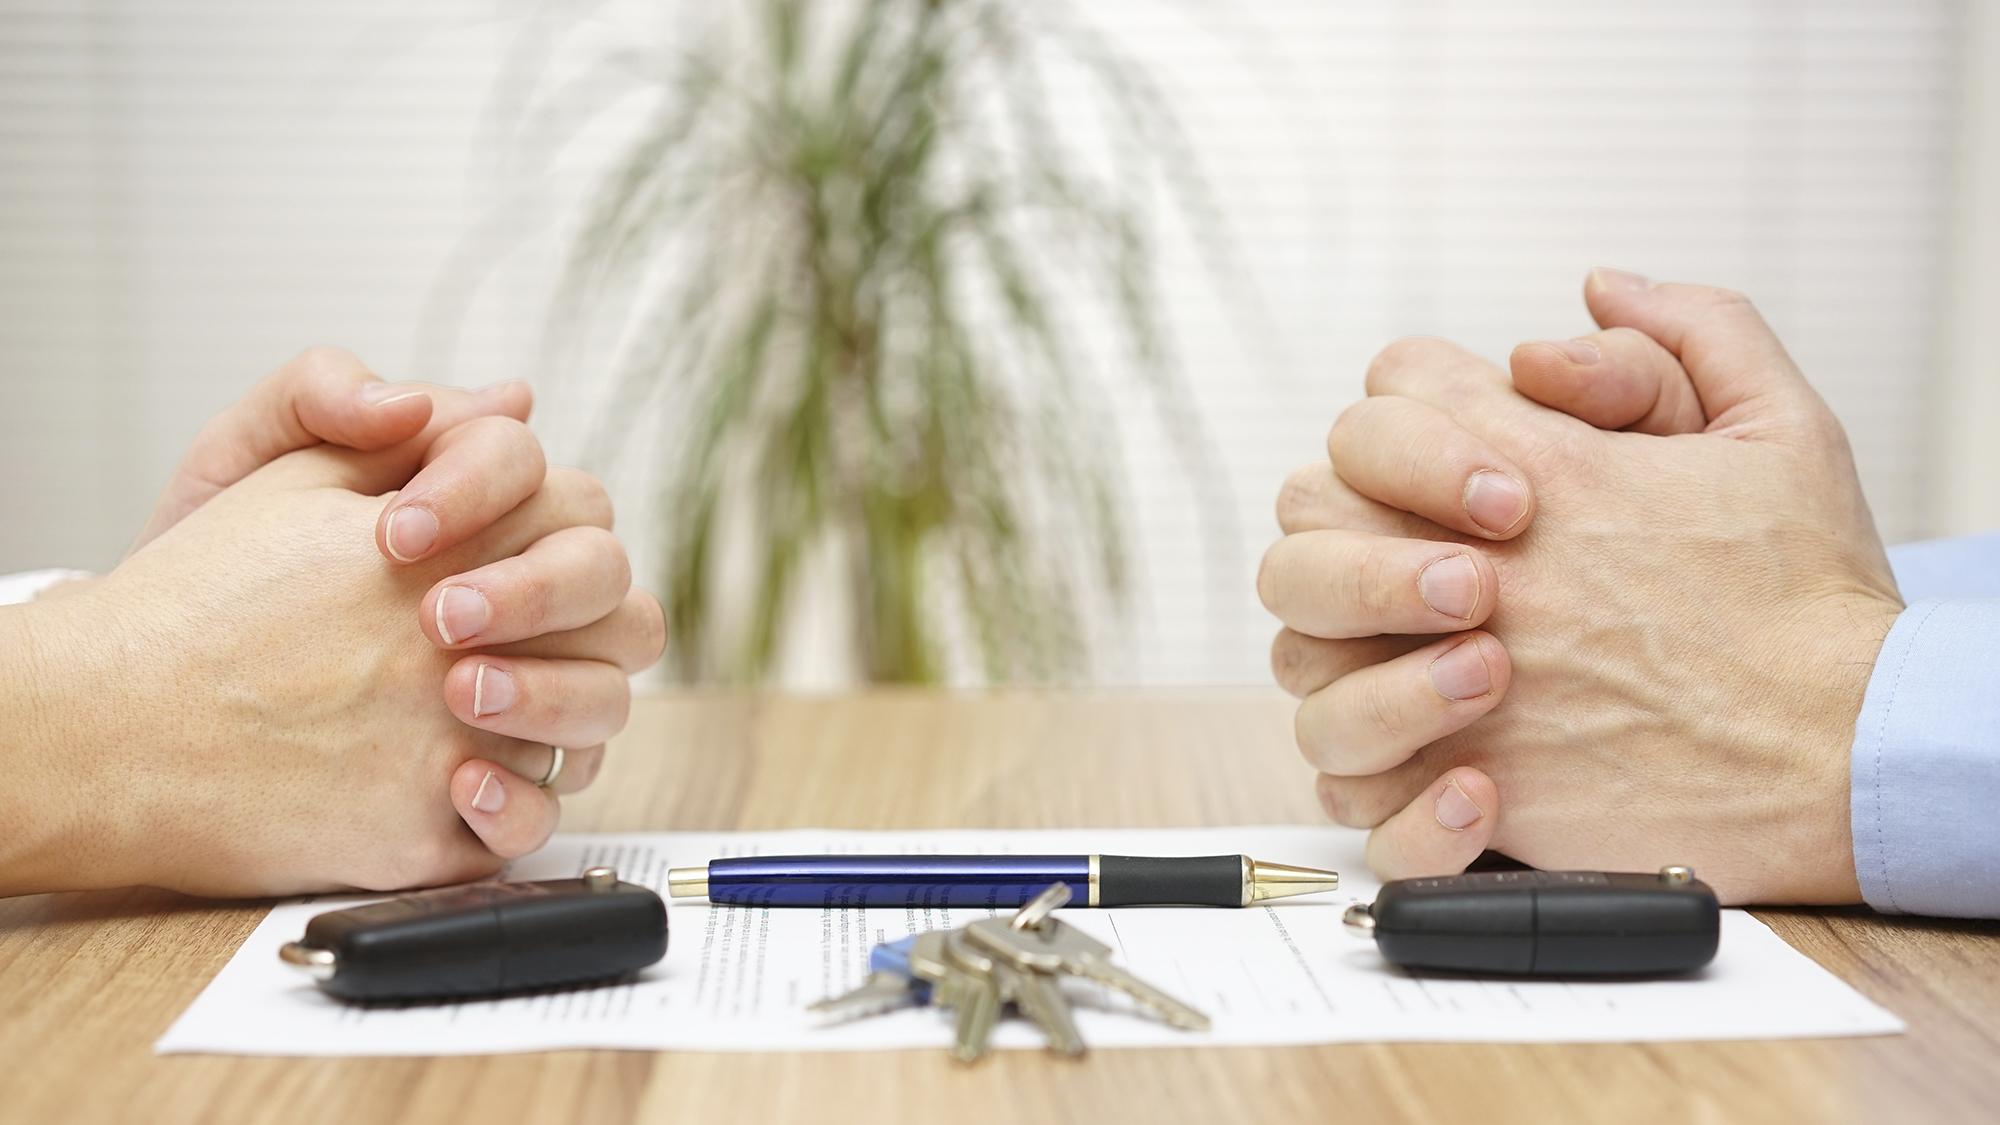 3 bài học tài chính vô giá học từ cuộc ly hôn của cô gái 27 tuổi - Ảnh 3.